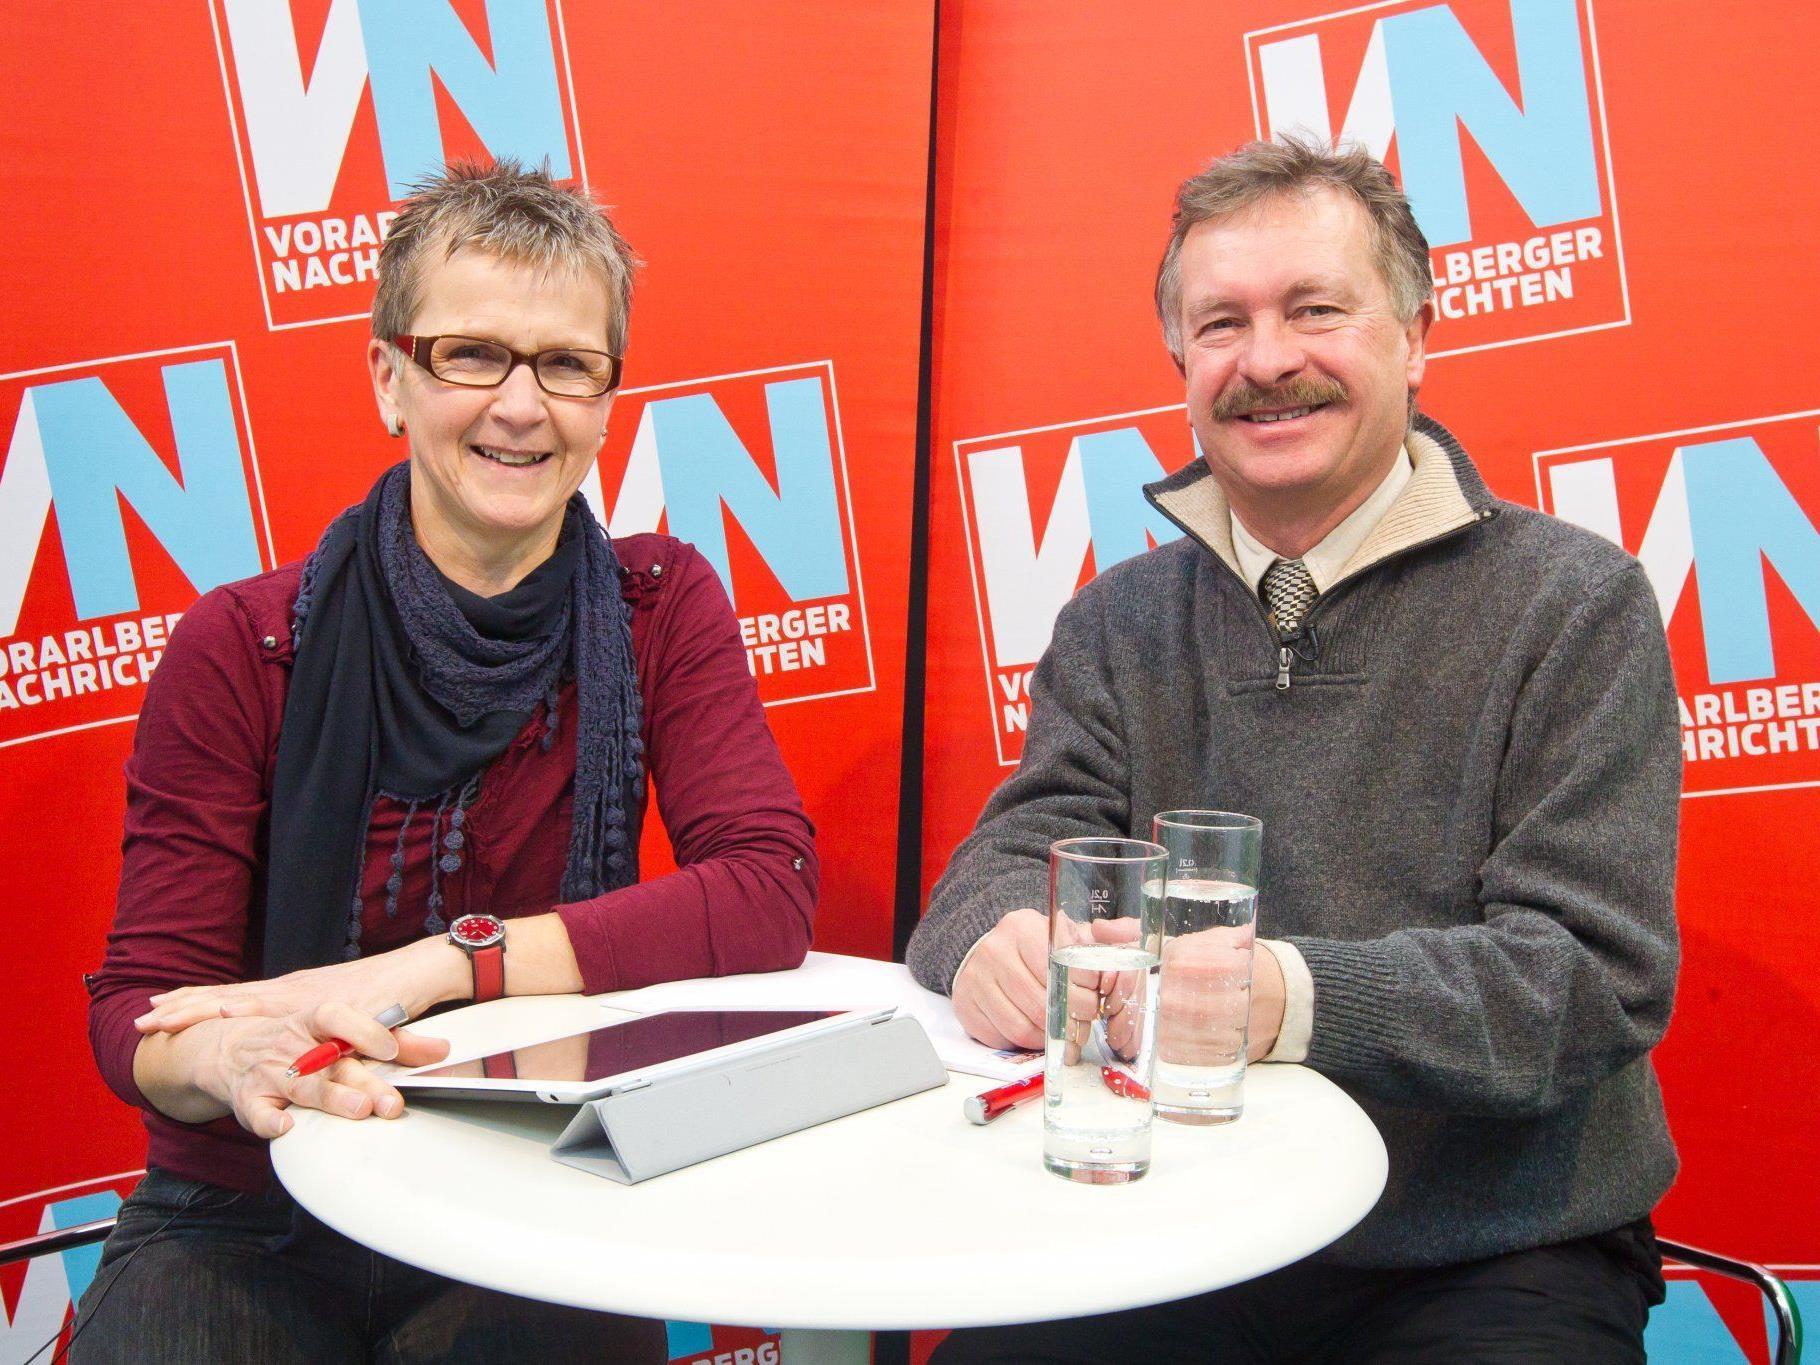 VN-Redakteurin Marlies Mohr mit Primar Heinz Drexel im Videochat.